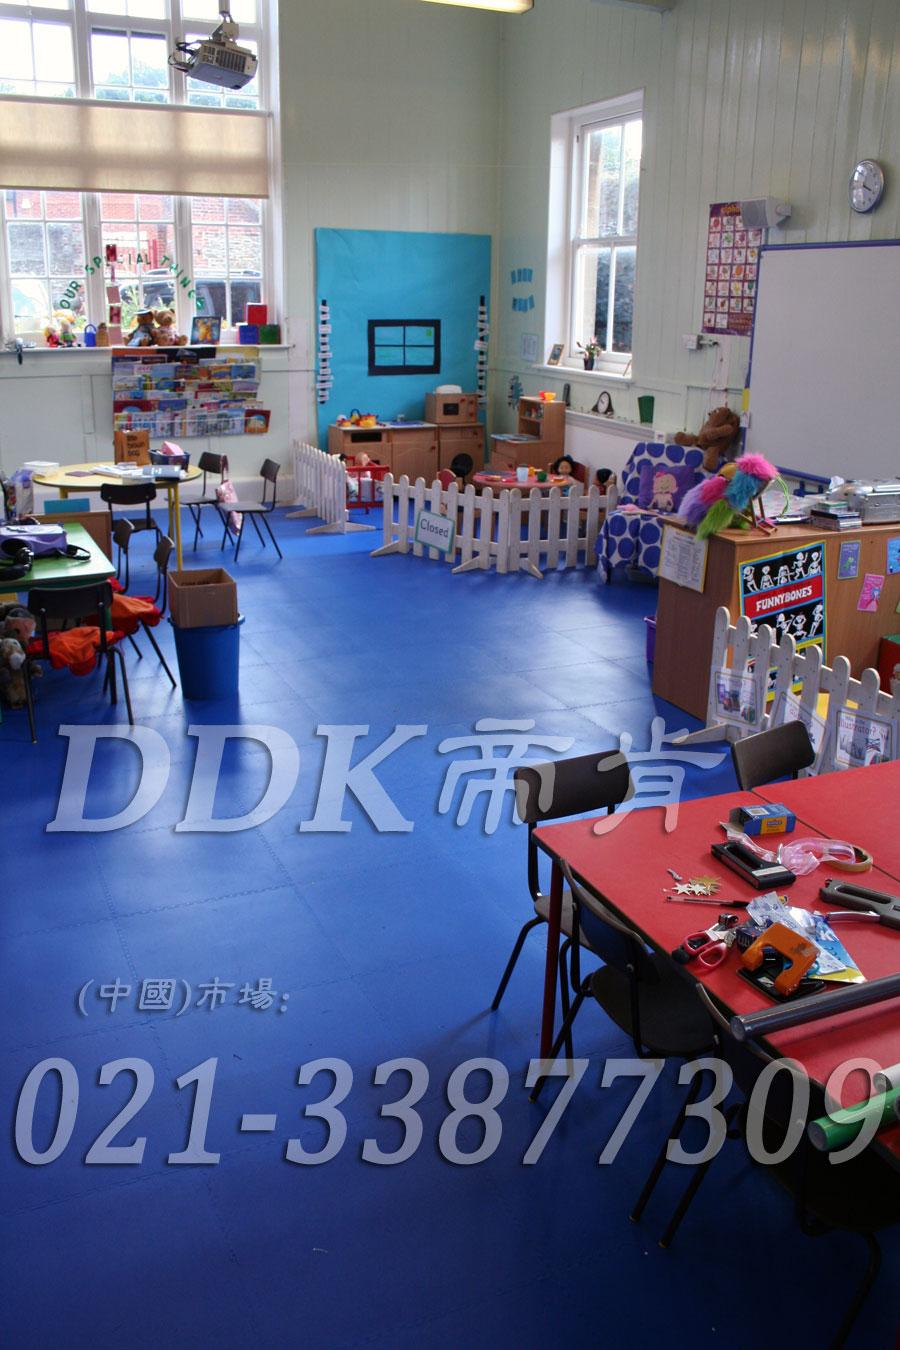 平滑舒适的幼儿园专用地板胶产品_蓝色满铺(1)样板图片,帝肯(DDK)_2000_3377(幼儿园教室地面材料)效果图,幼儿园pvc塑胶地板,幼儿园地板,幼儿园地板砖,幼儿园地板胶,幼儿园地板革,幼儿园塑料地板,幼儿园室内地板,幼儿园拼装地板,幼儿园教室地